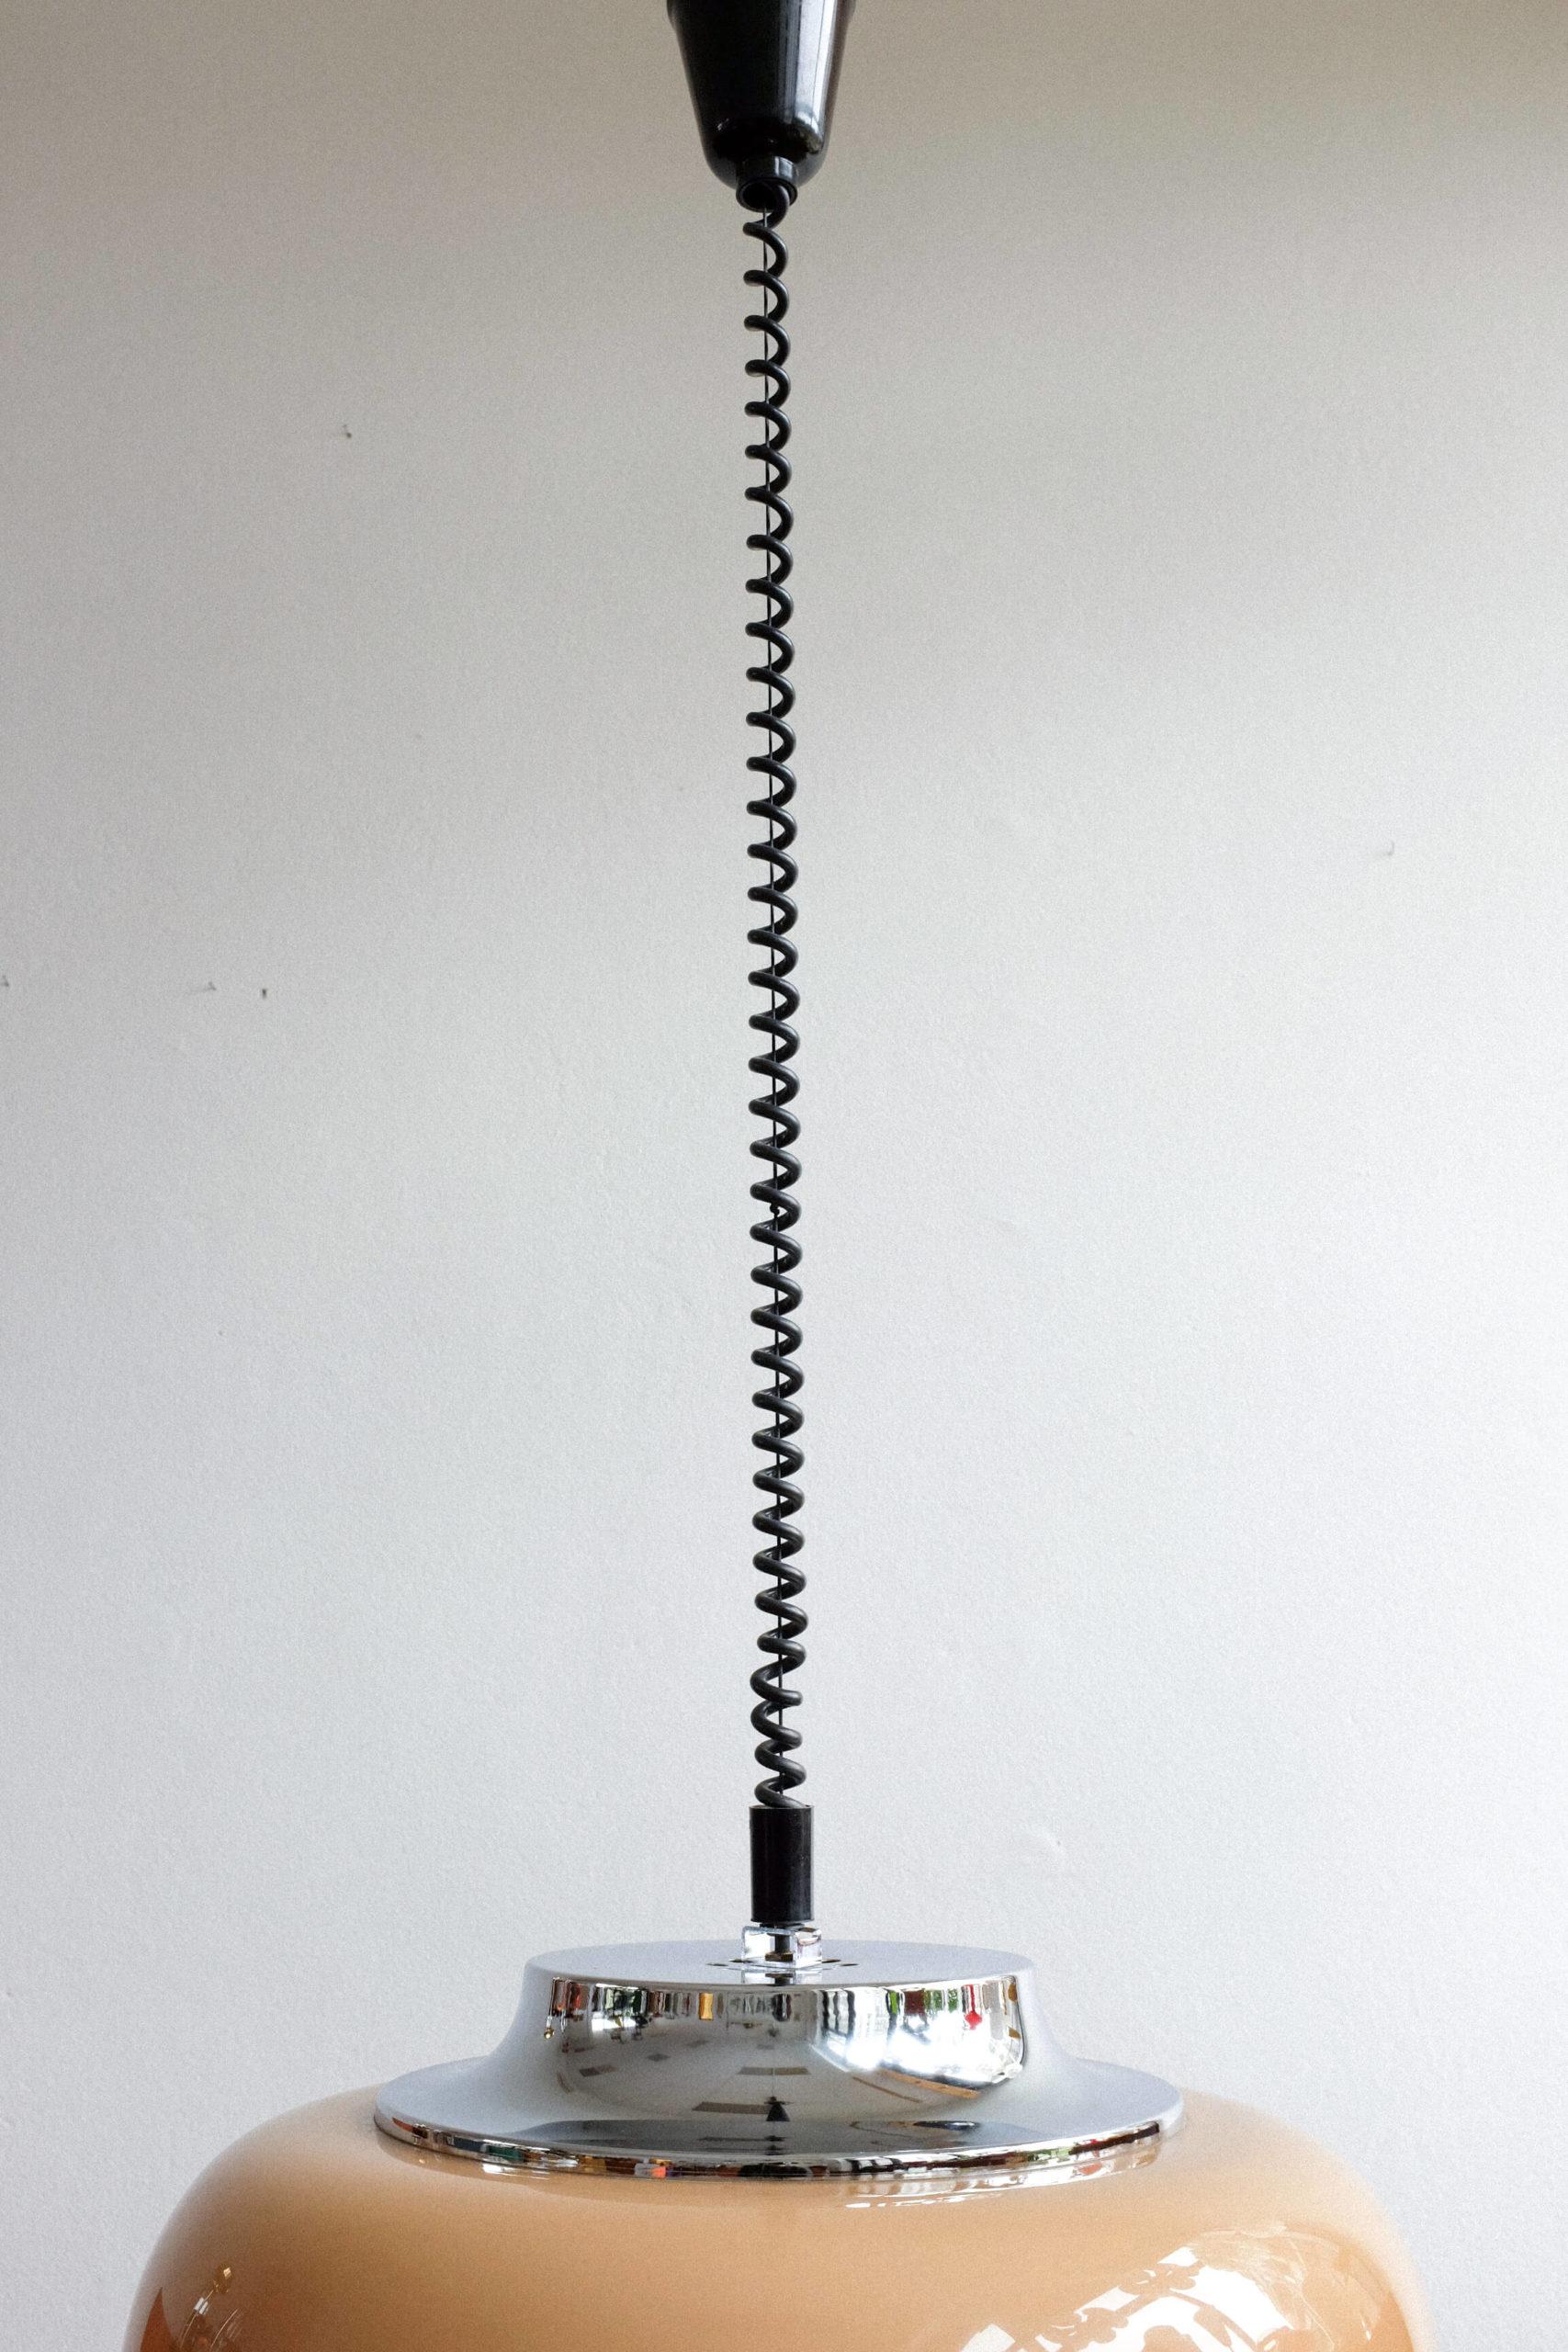 DSCF2444